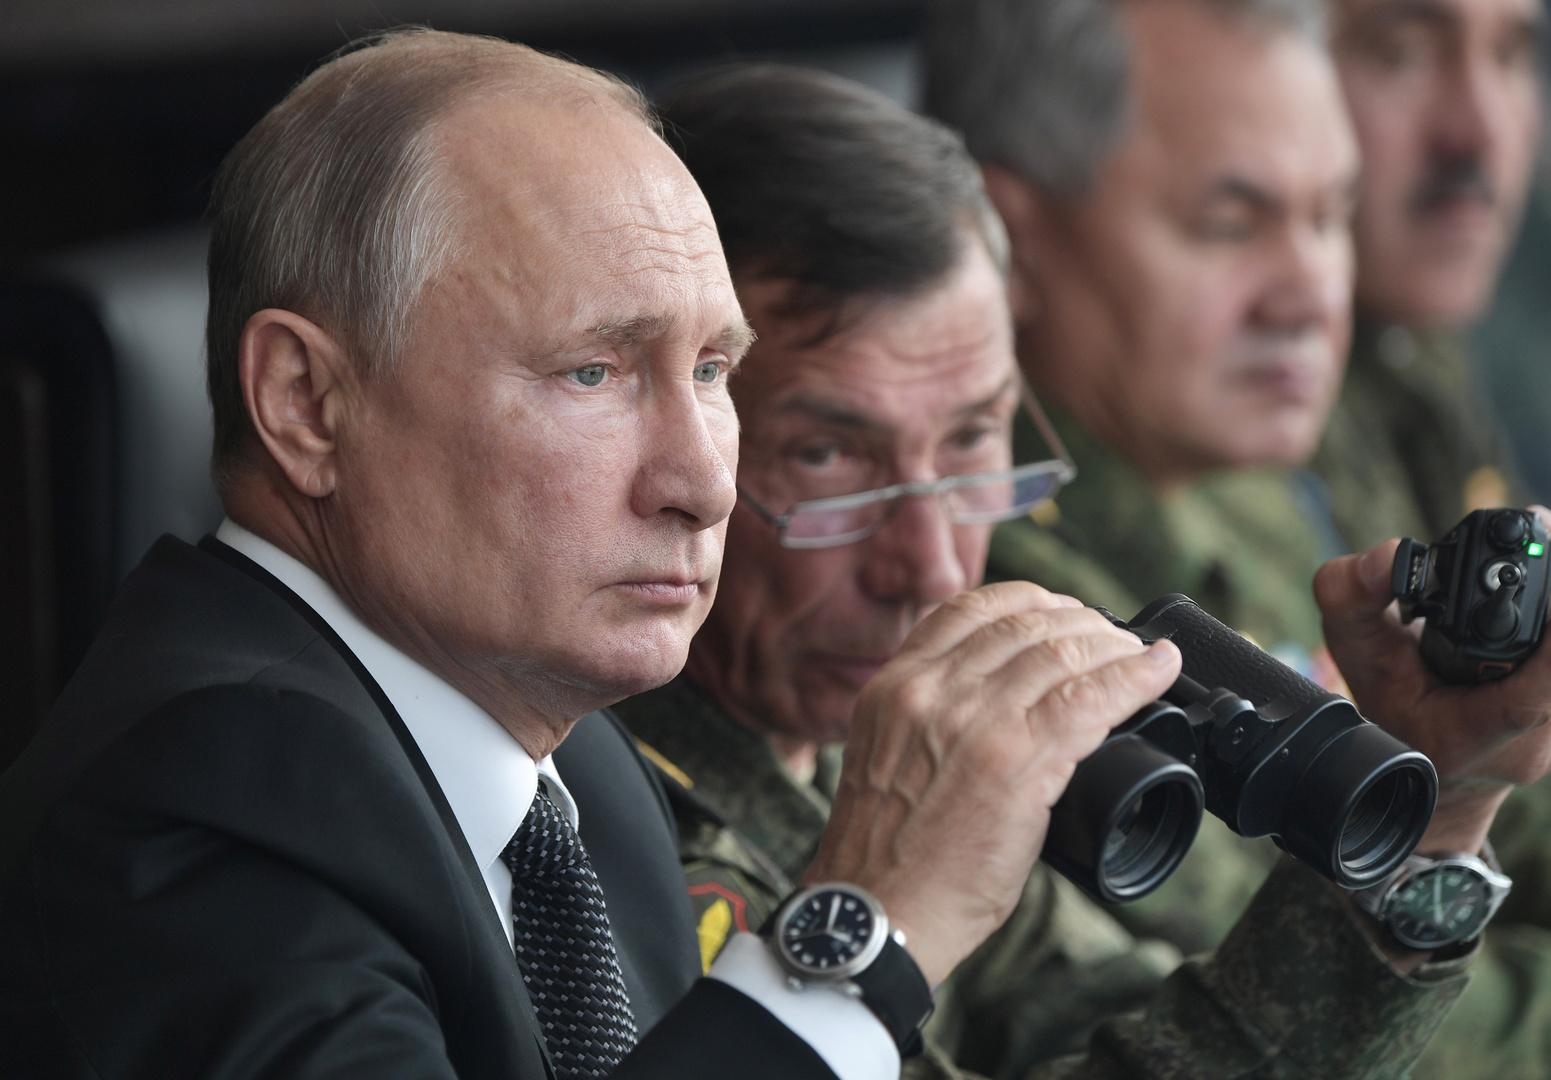 الرئيس الروسي فلاديمير بوتين يحضر تدريبات عسكرية